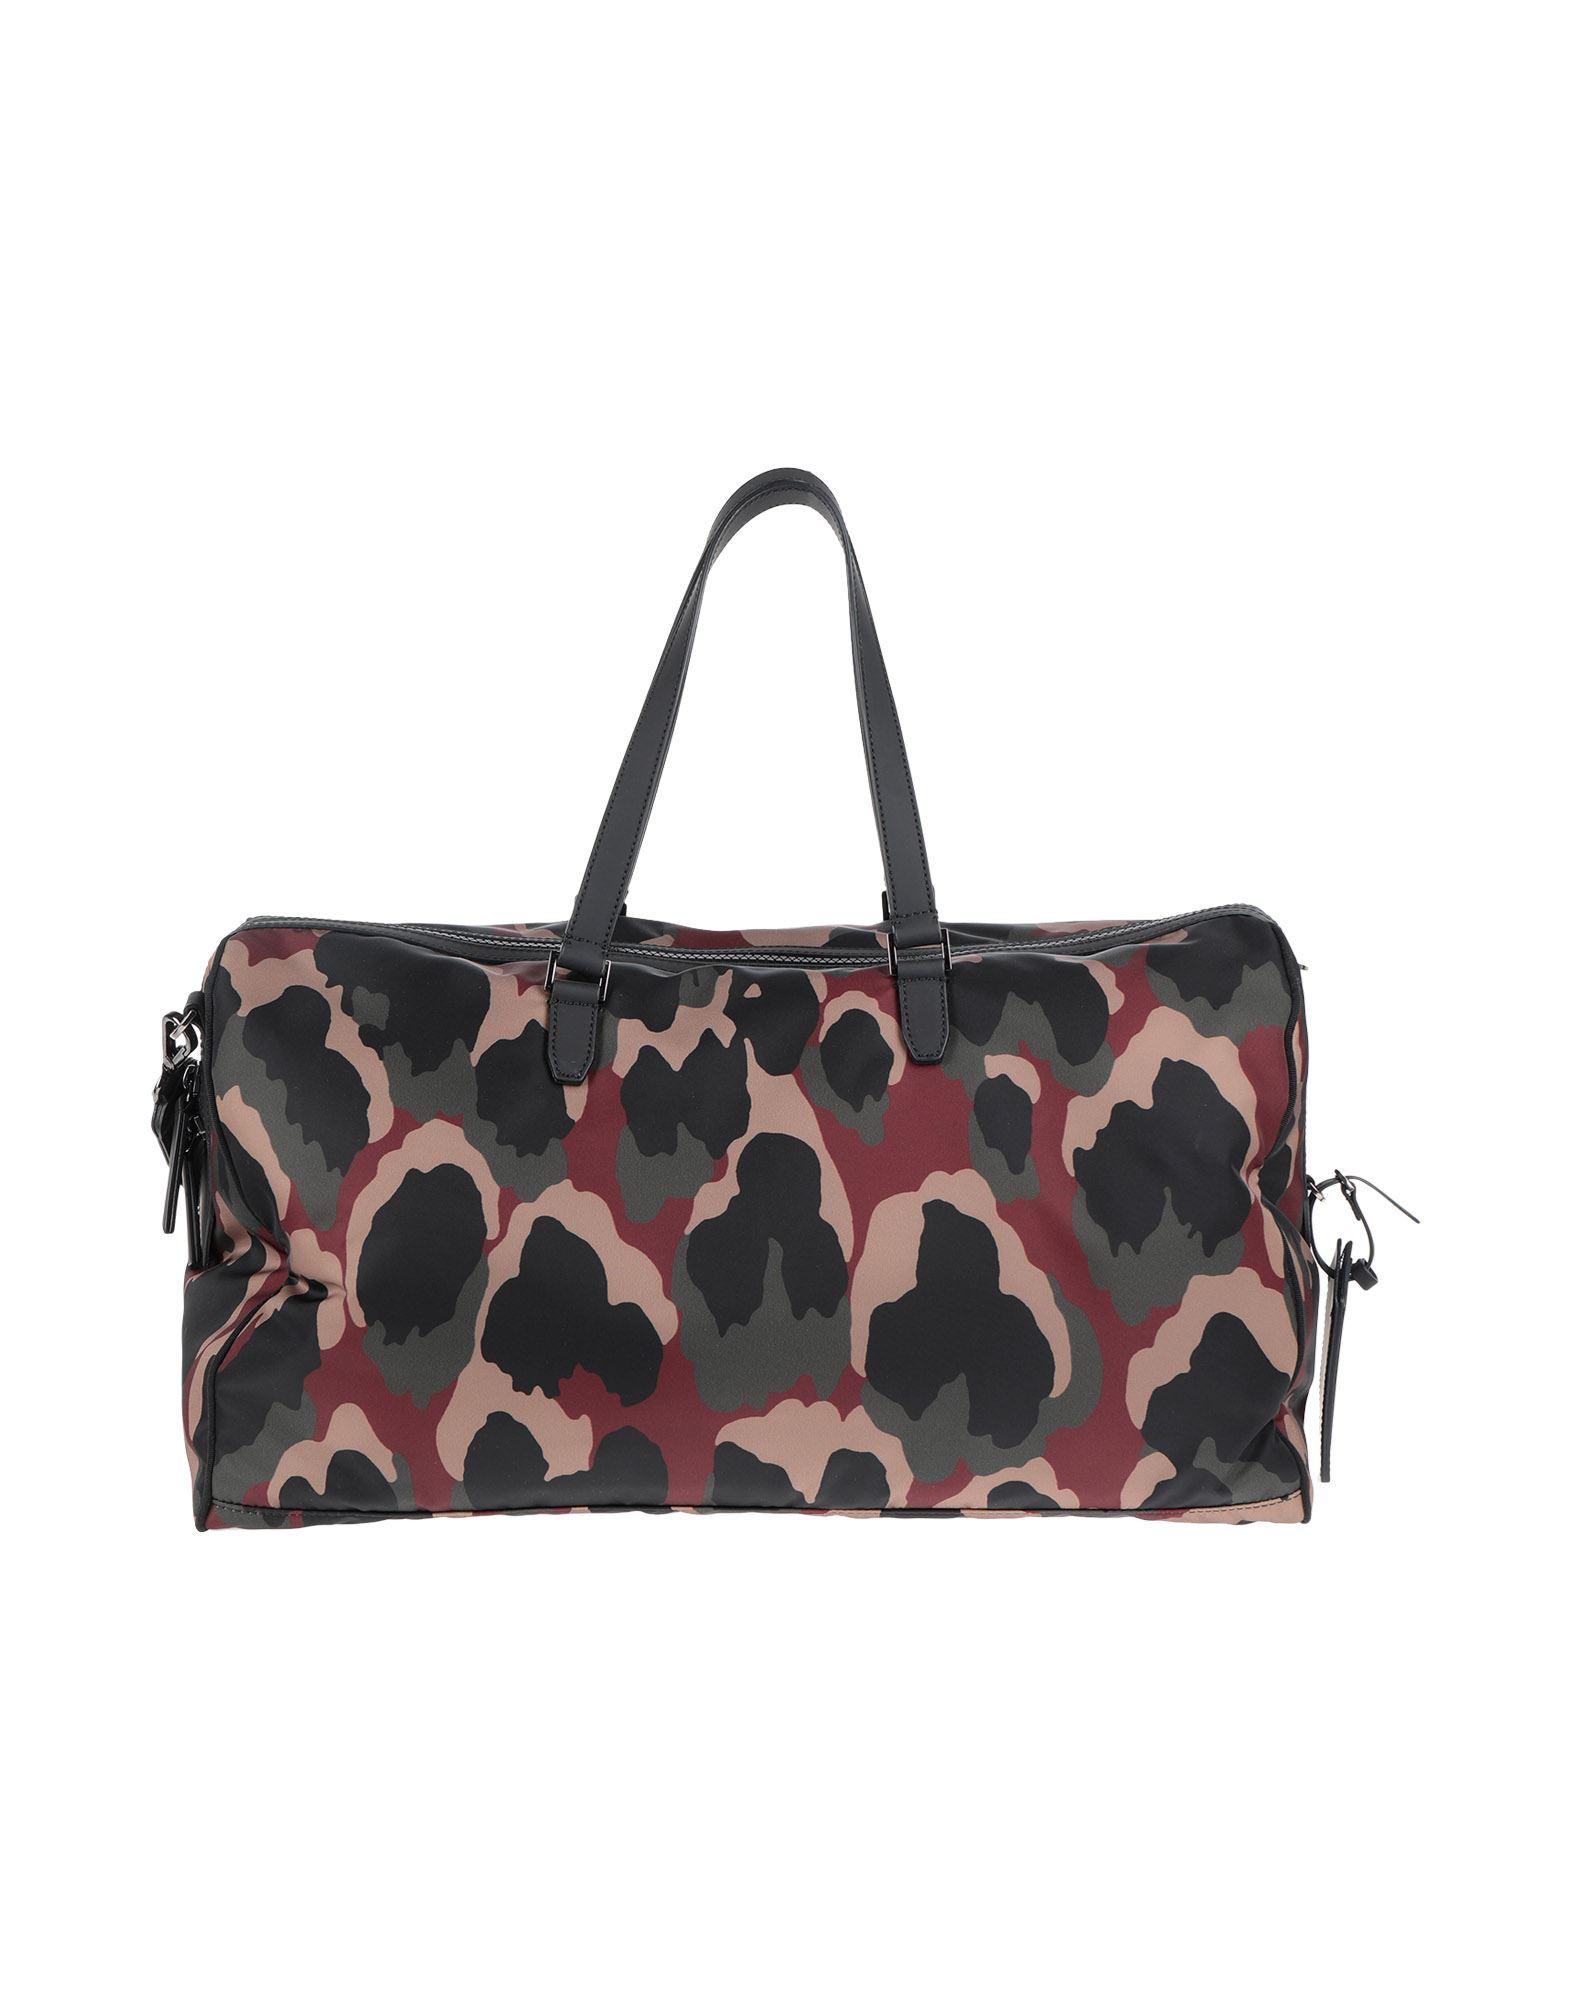 GOLDEN GOOSE DELUXE BRAND Travel duffel bags - Item 55020756